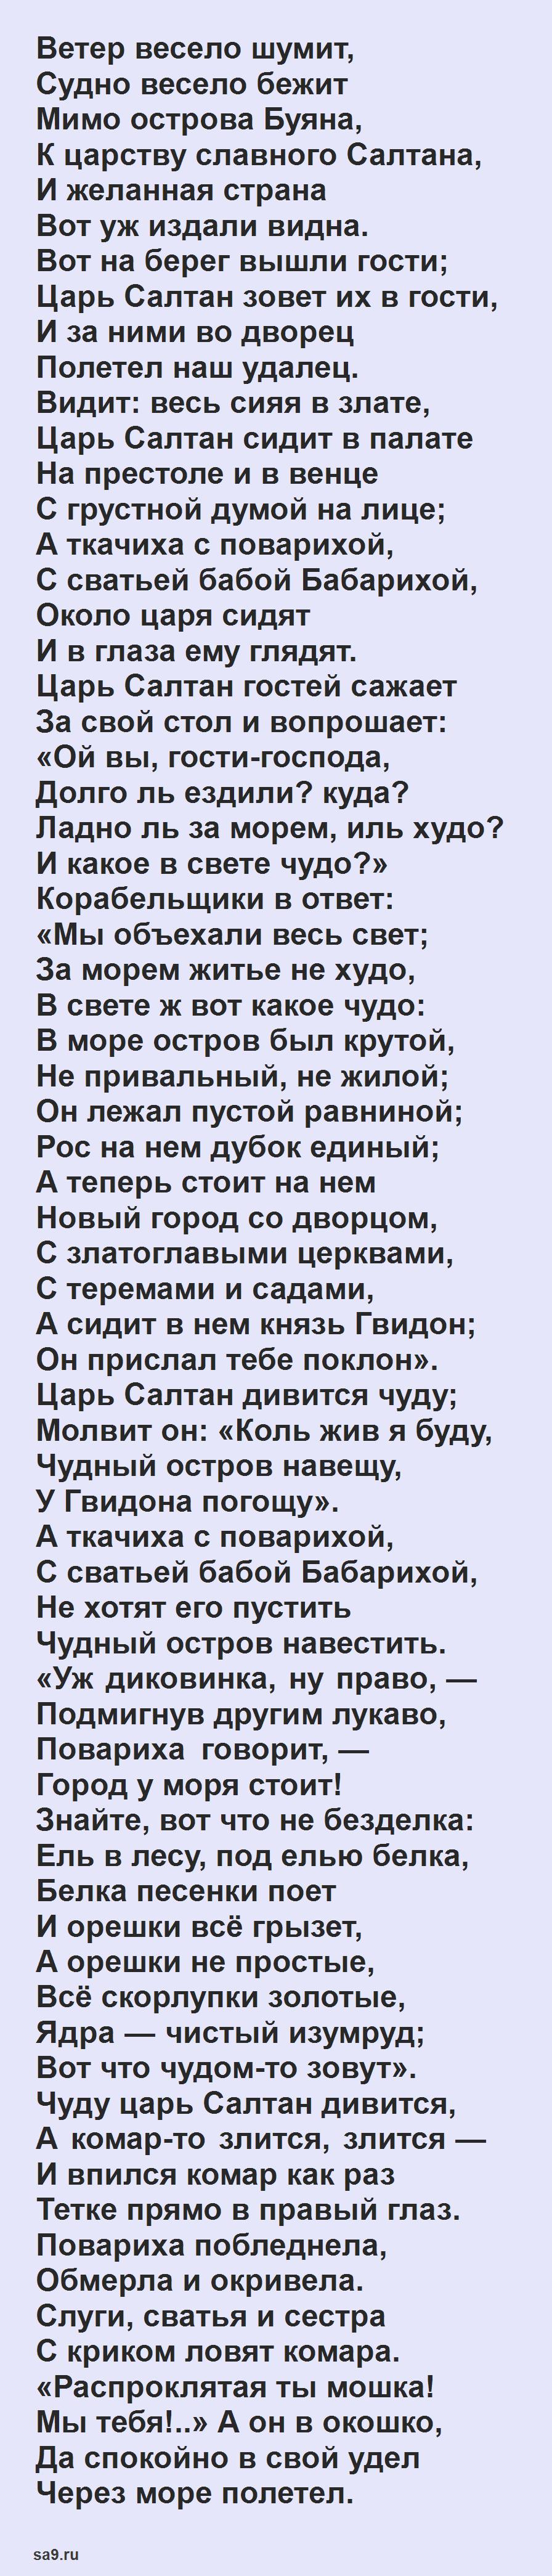 Сказка 'О царе Салтане', Пушкин